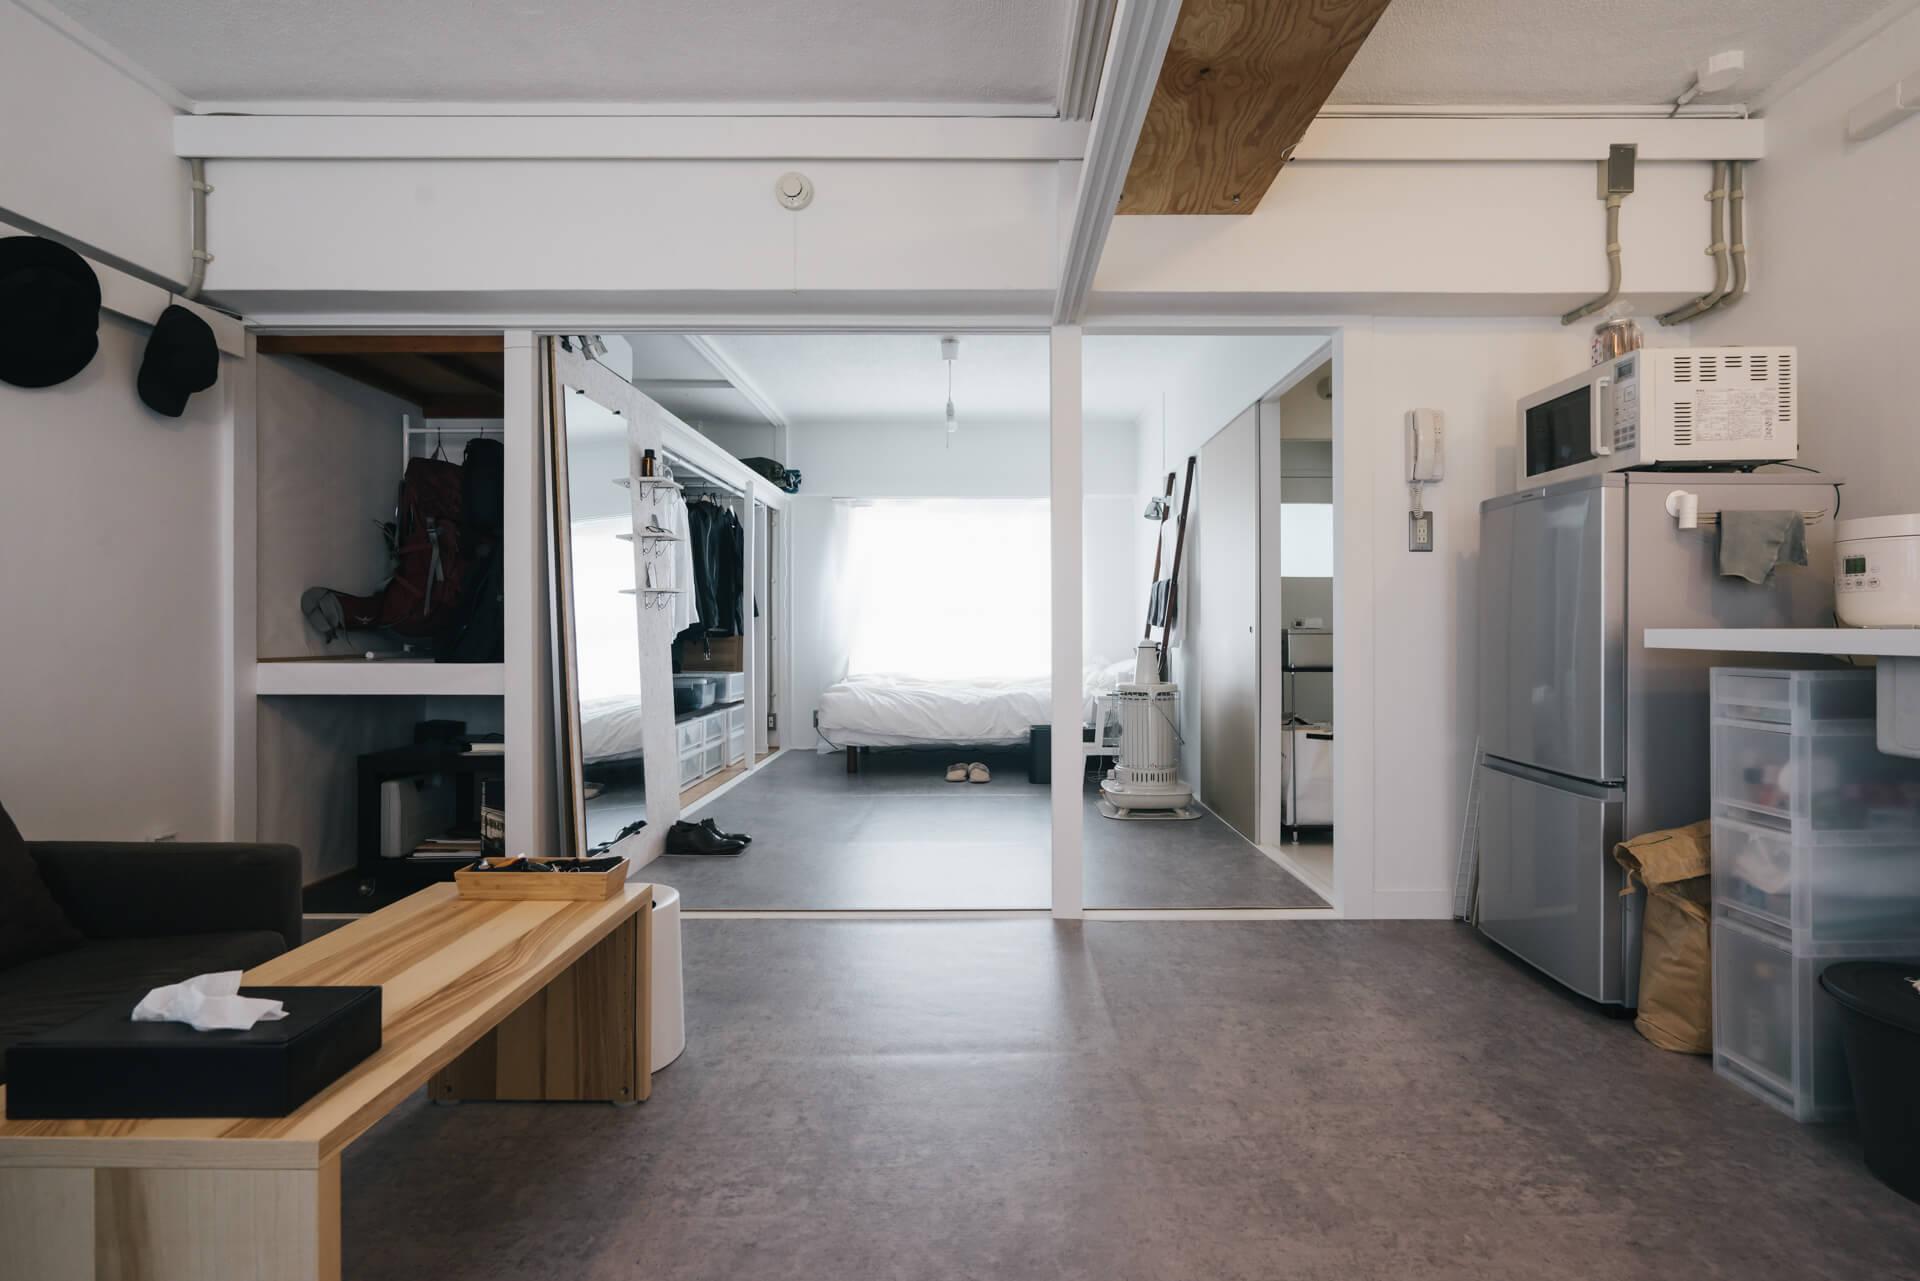 キッチン側から。南北に窓があって、風通しも抜群です。「柱の感じも、ちょっとアクセントになっていいですよね」